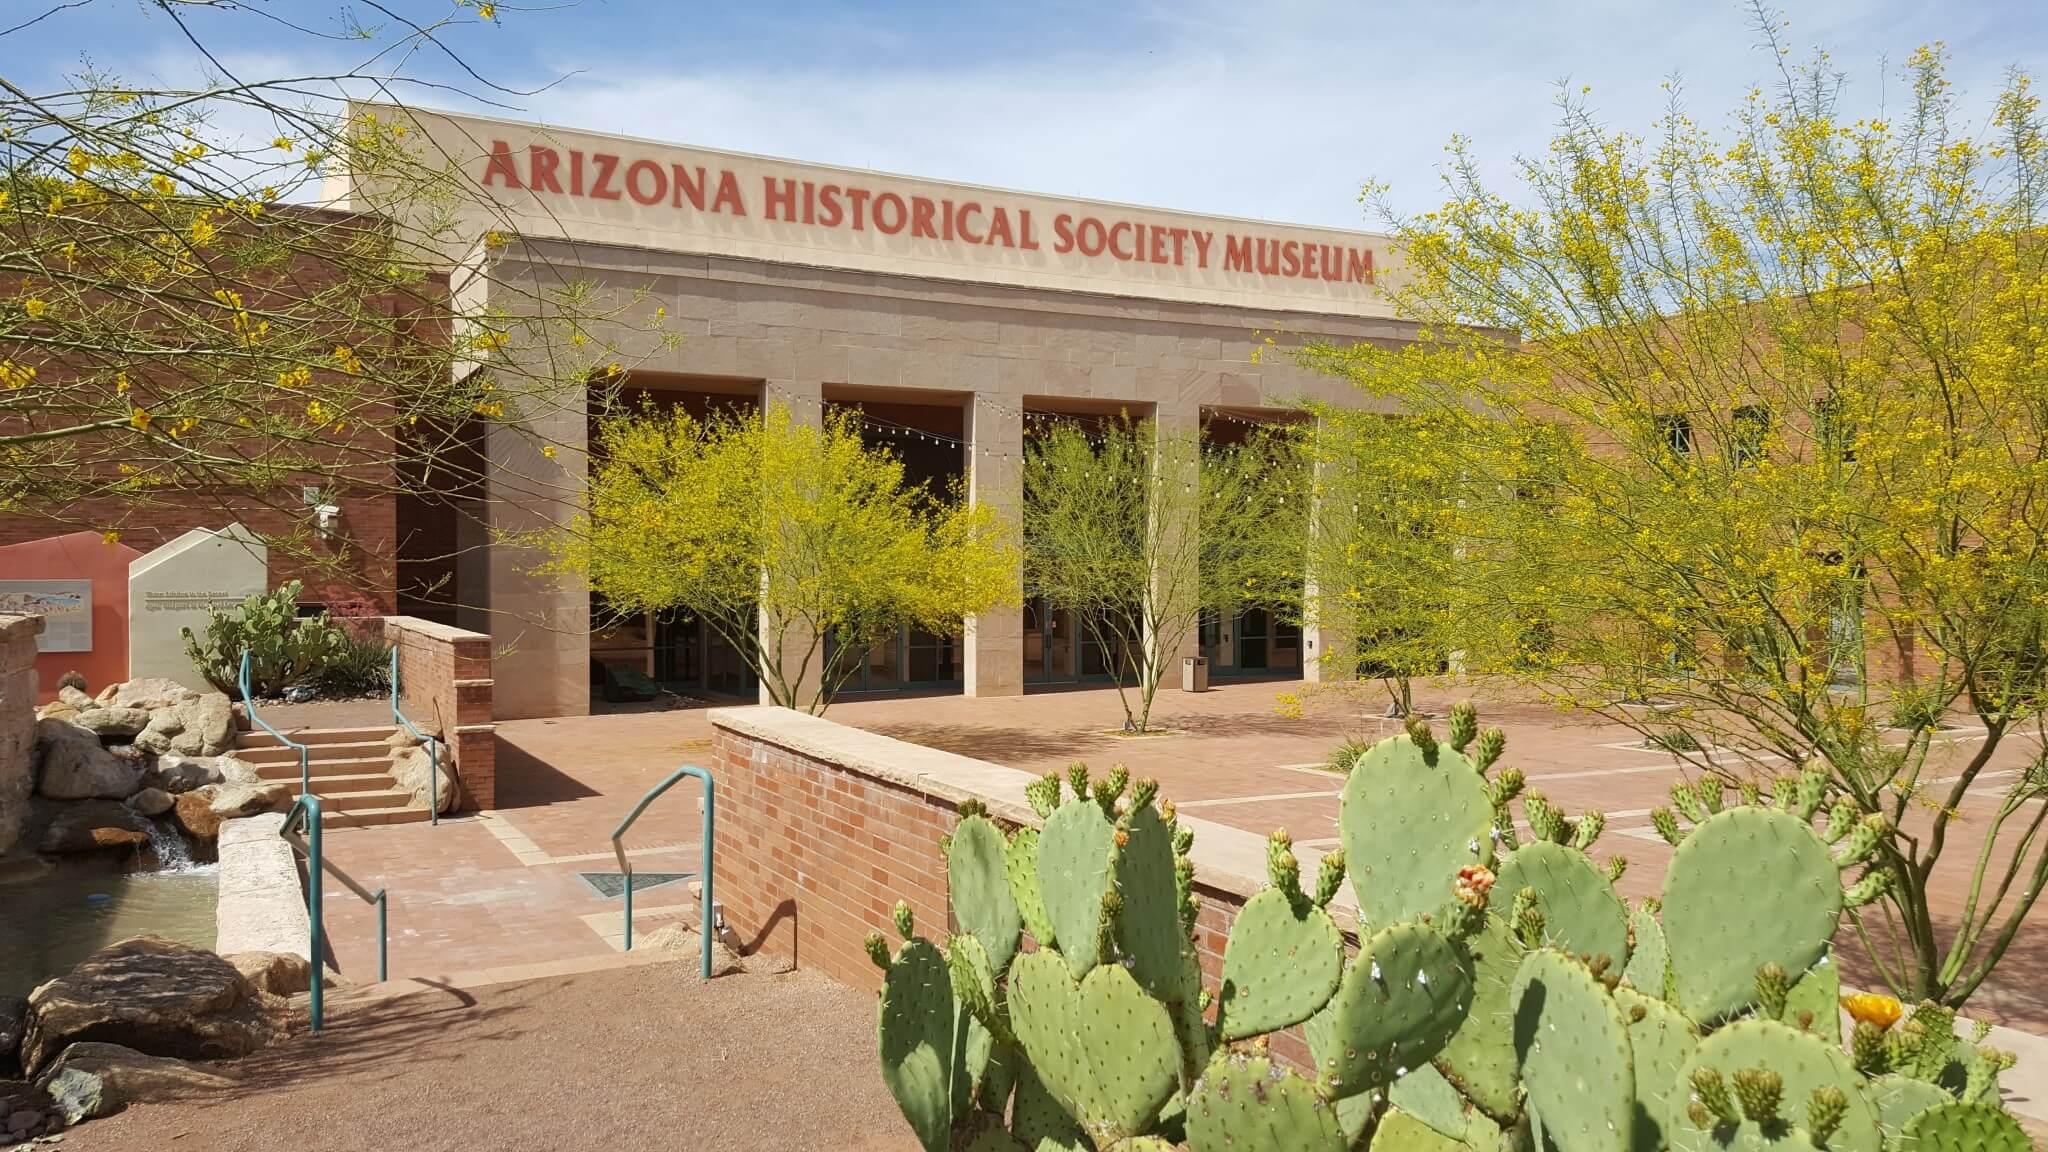 arizonahistoricalsociety.com